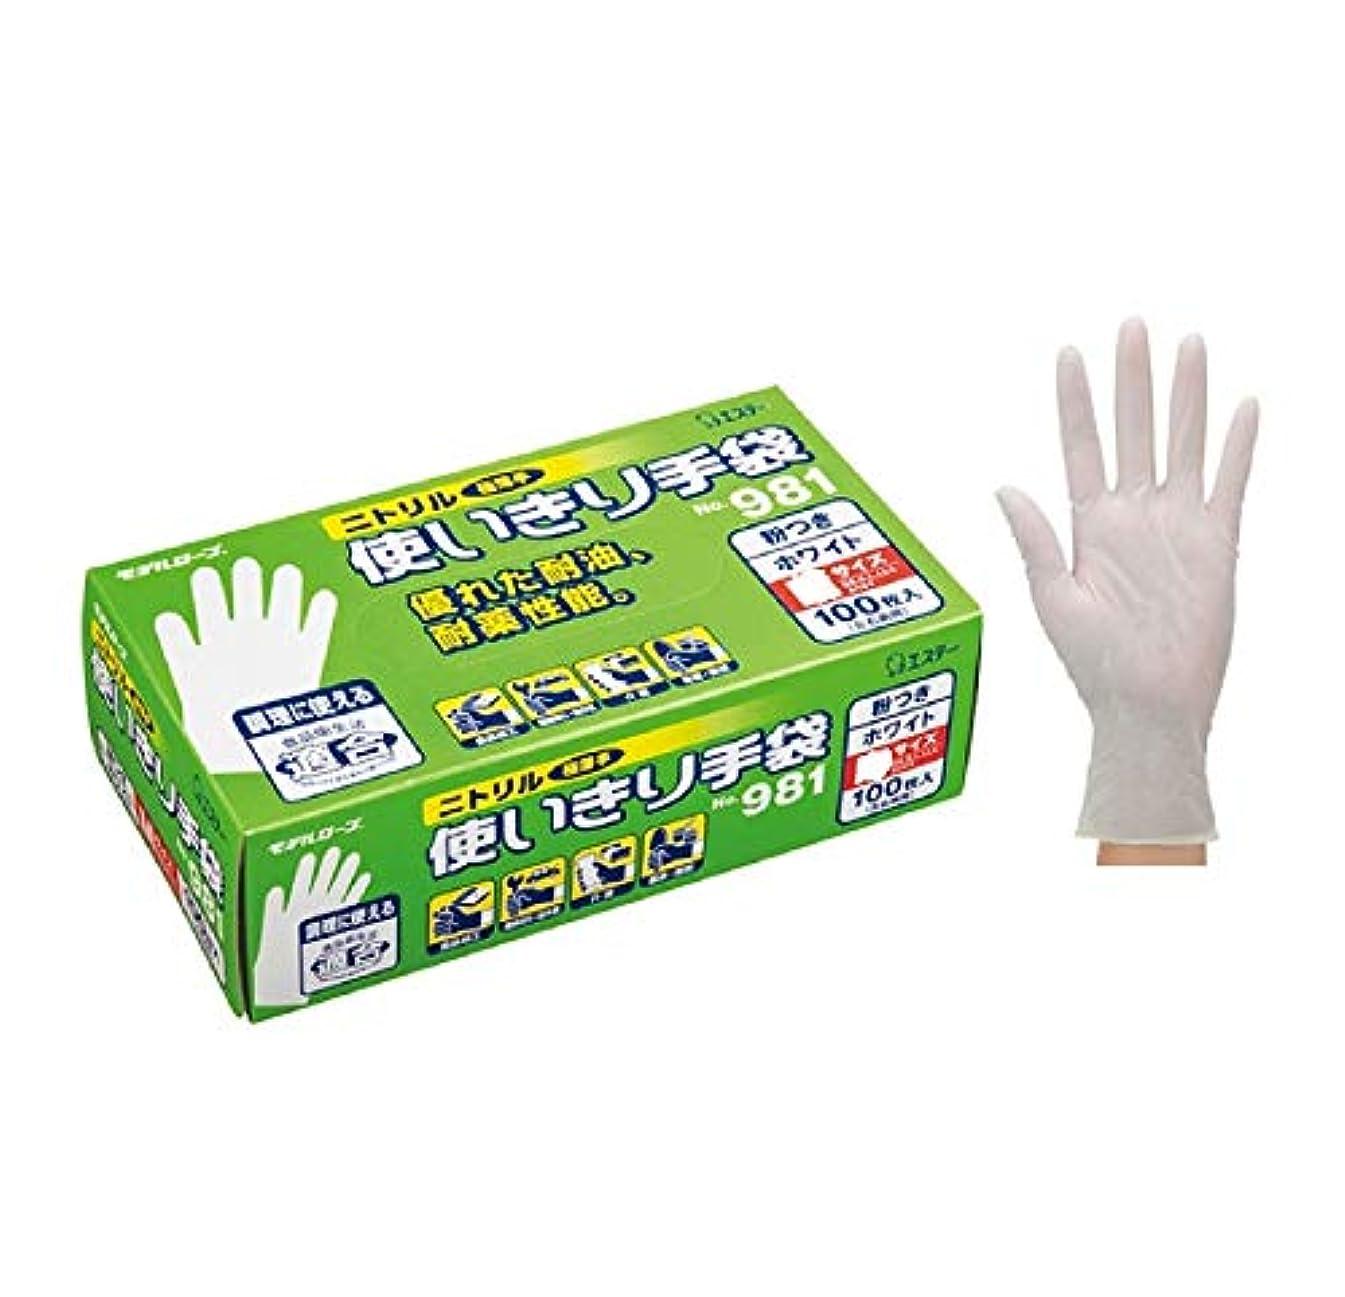 インテリア 日用雑貨 掃除用品 ニトリル手袋 粉付 No981 M 12箱